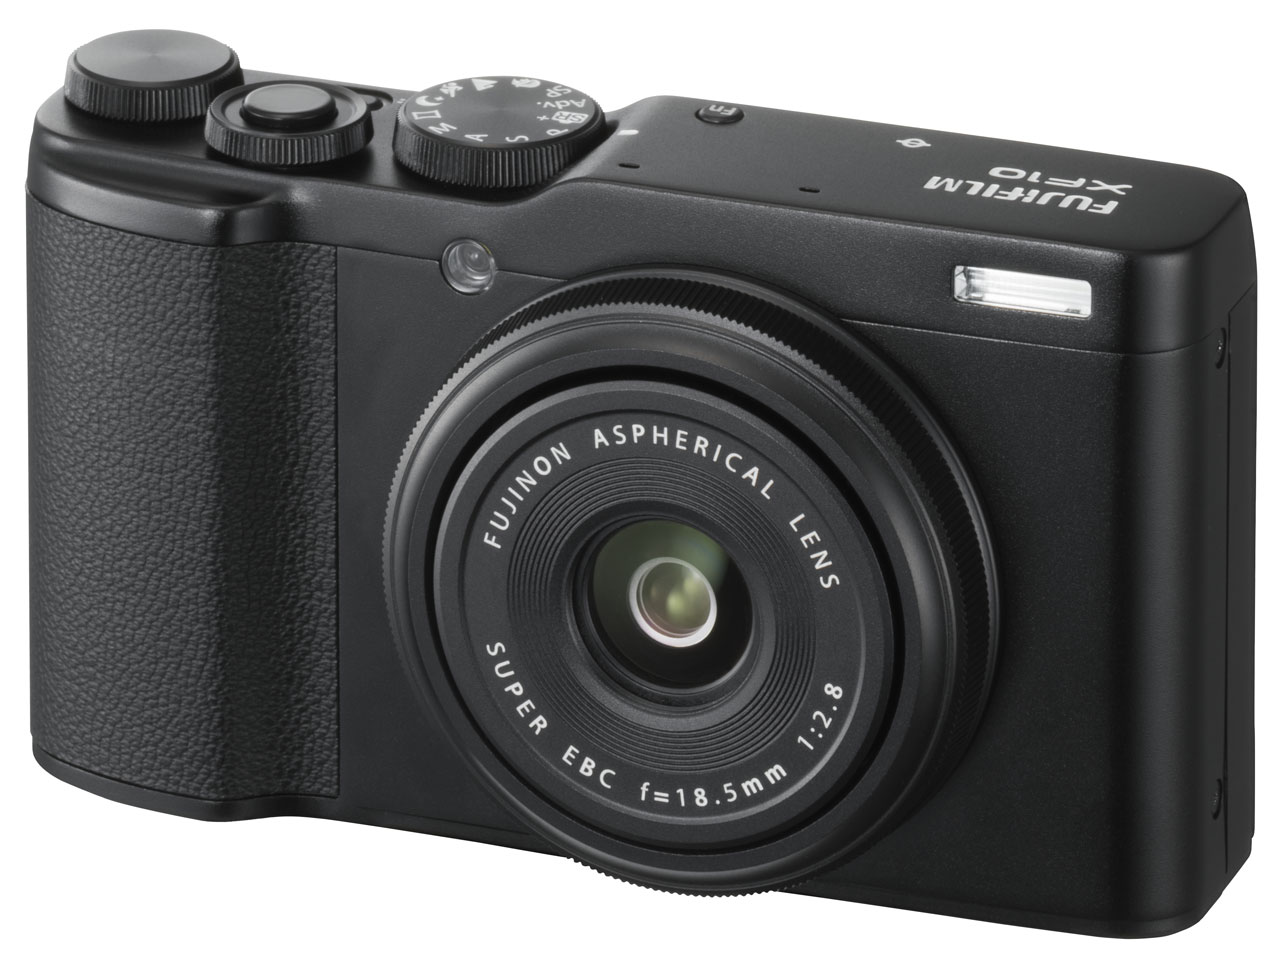 FUJIFILM XF10 [ブラック] の製品画像